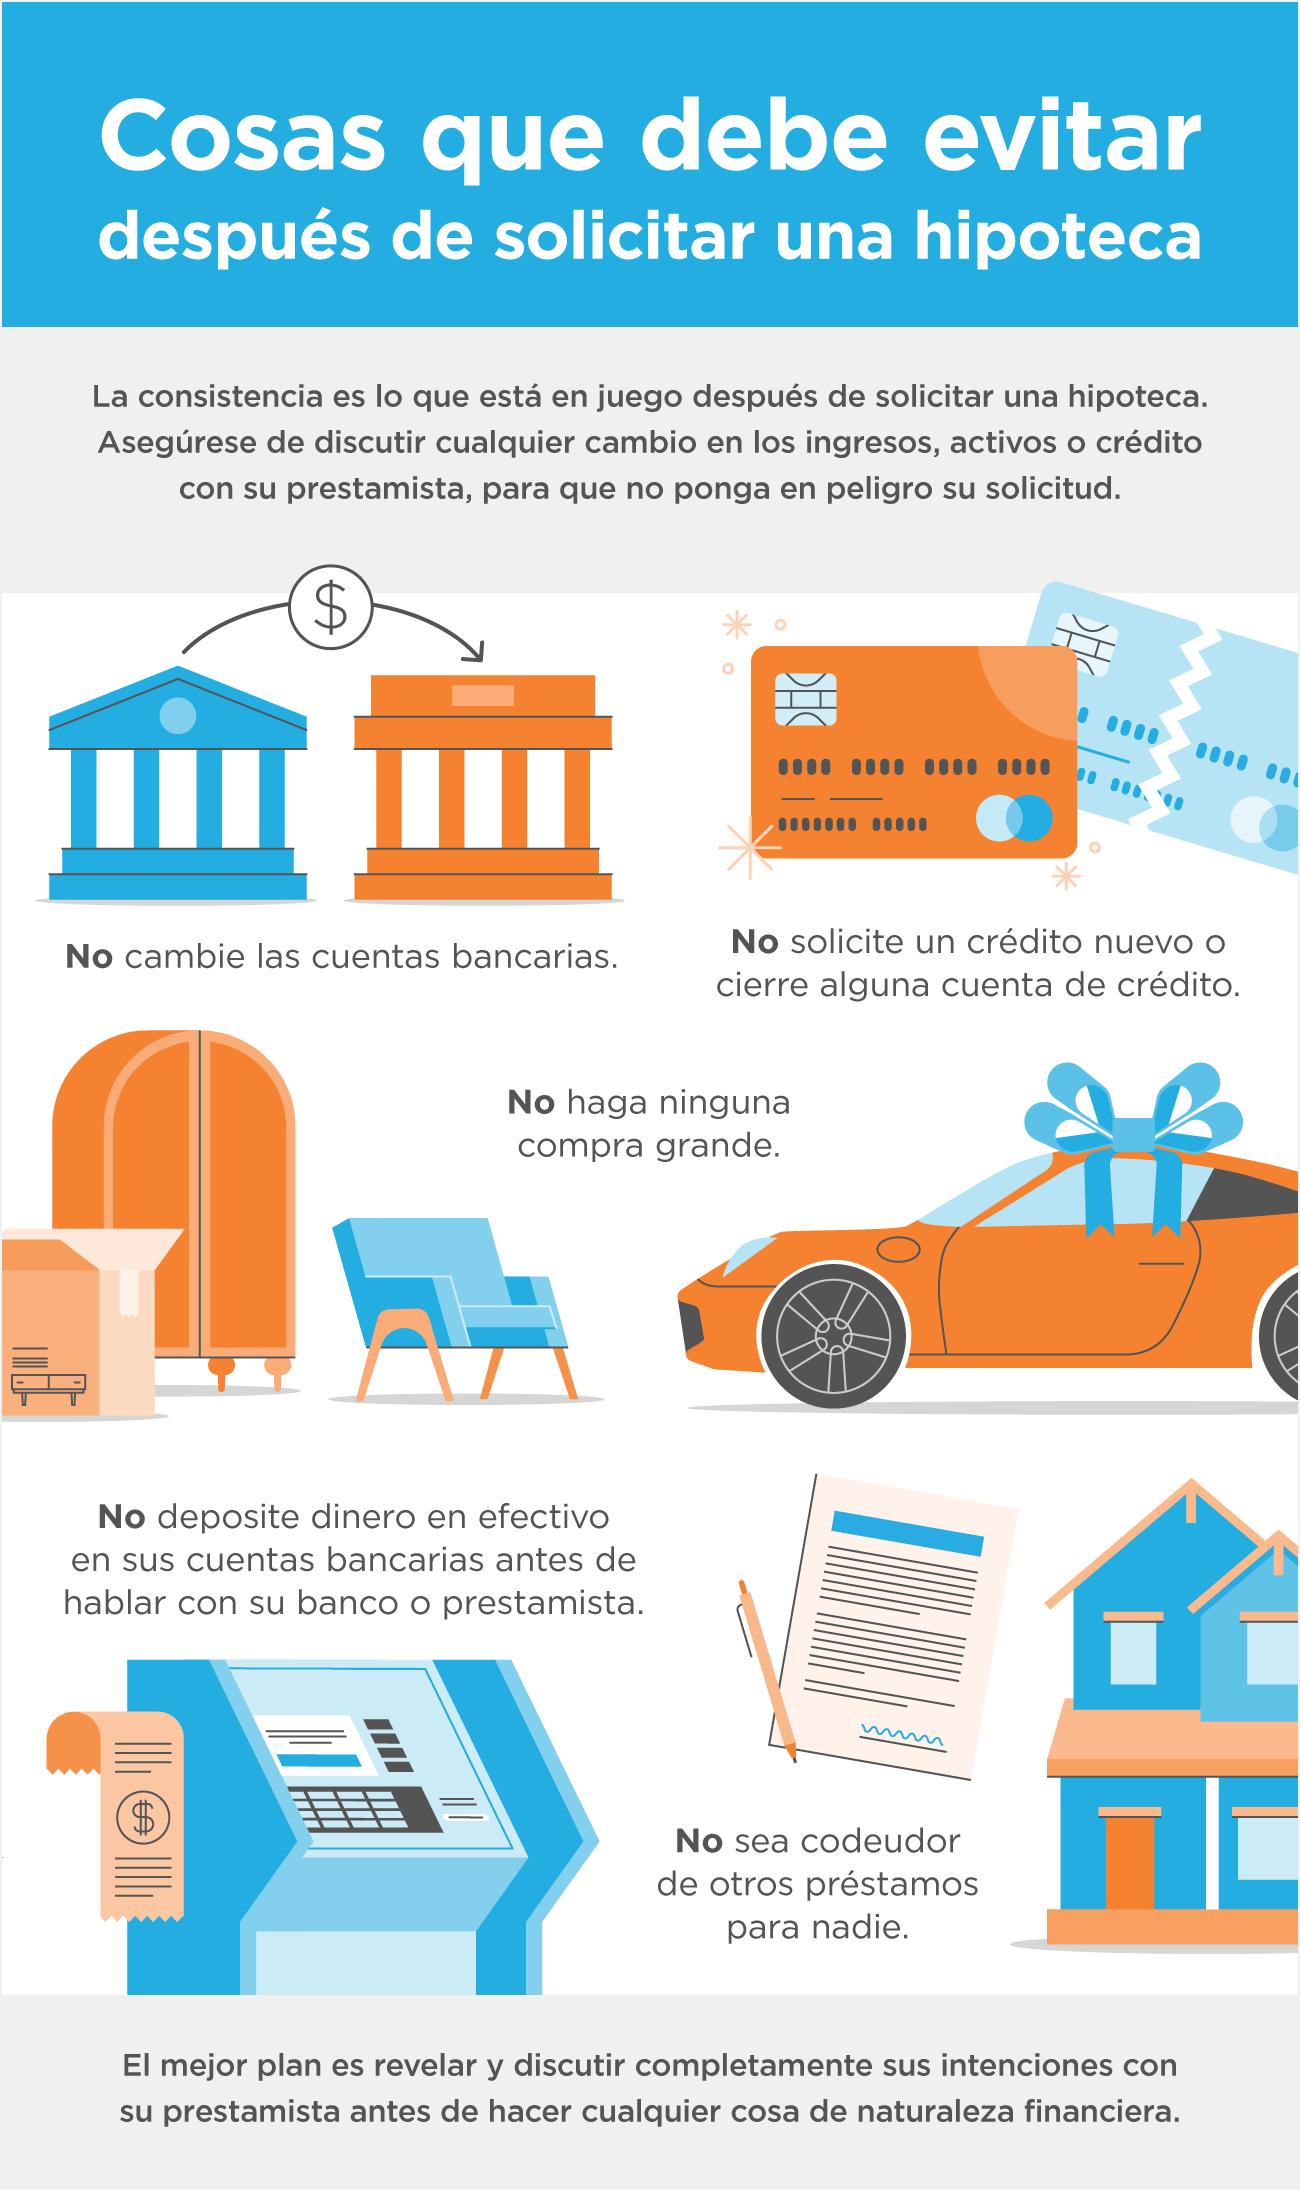 Cosas que debe evitar después de solicitar una hipoteca [infografía] | Simplifying The Market